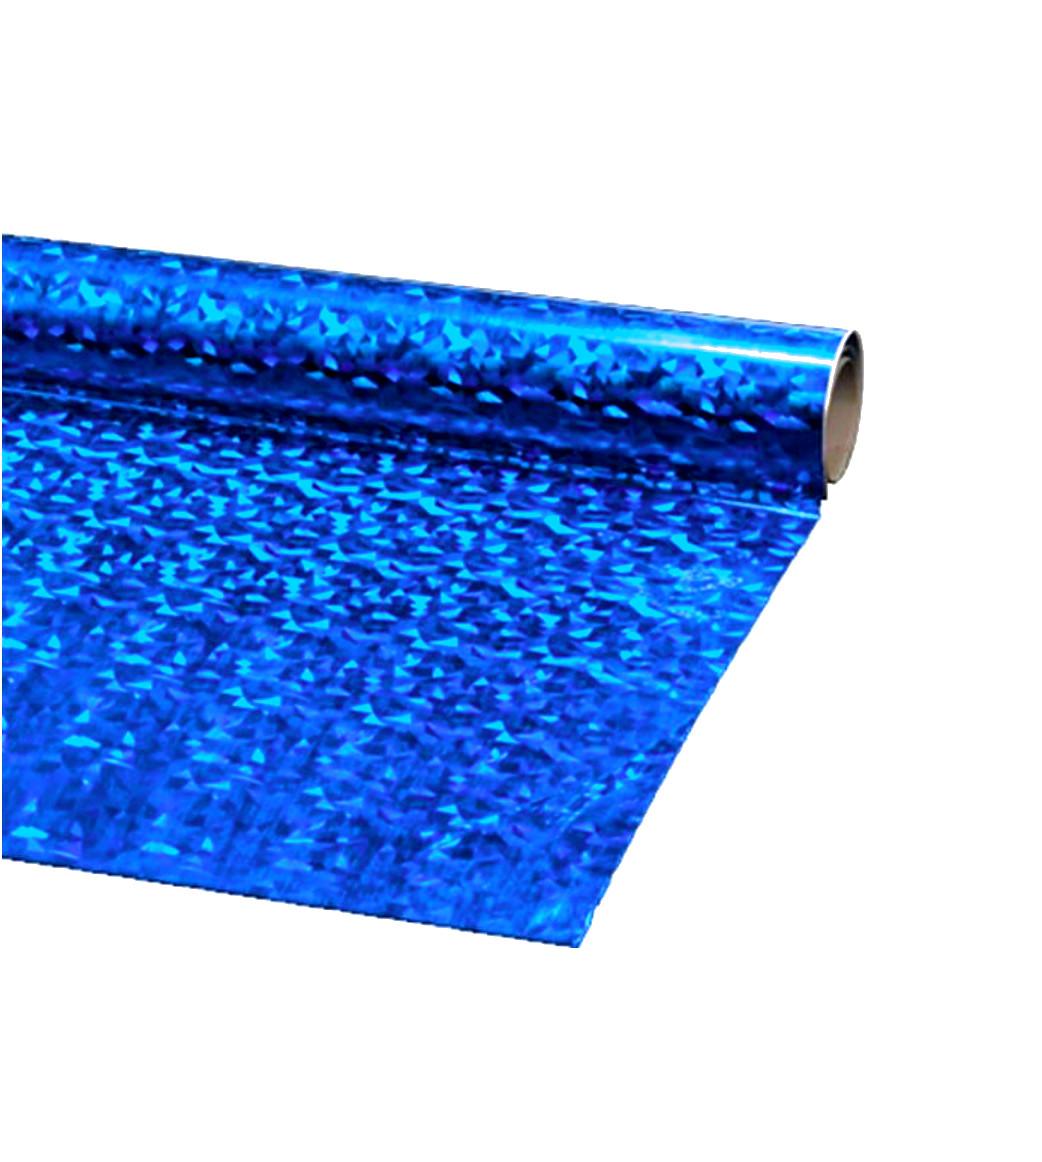 Пленка подарочная упаковочная голограмма Синяя-серебро Полисилк 25 шт/уп 50x70 см, фото 1